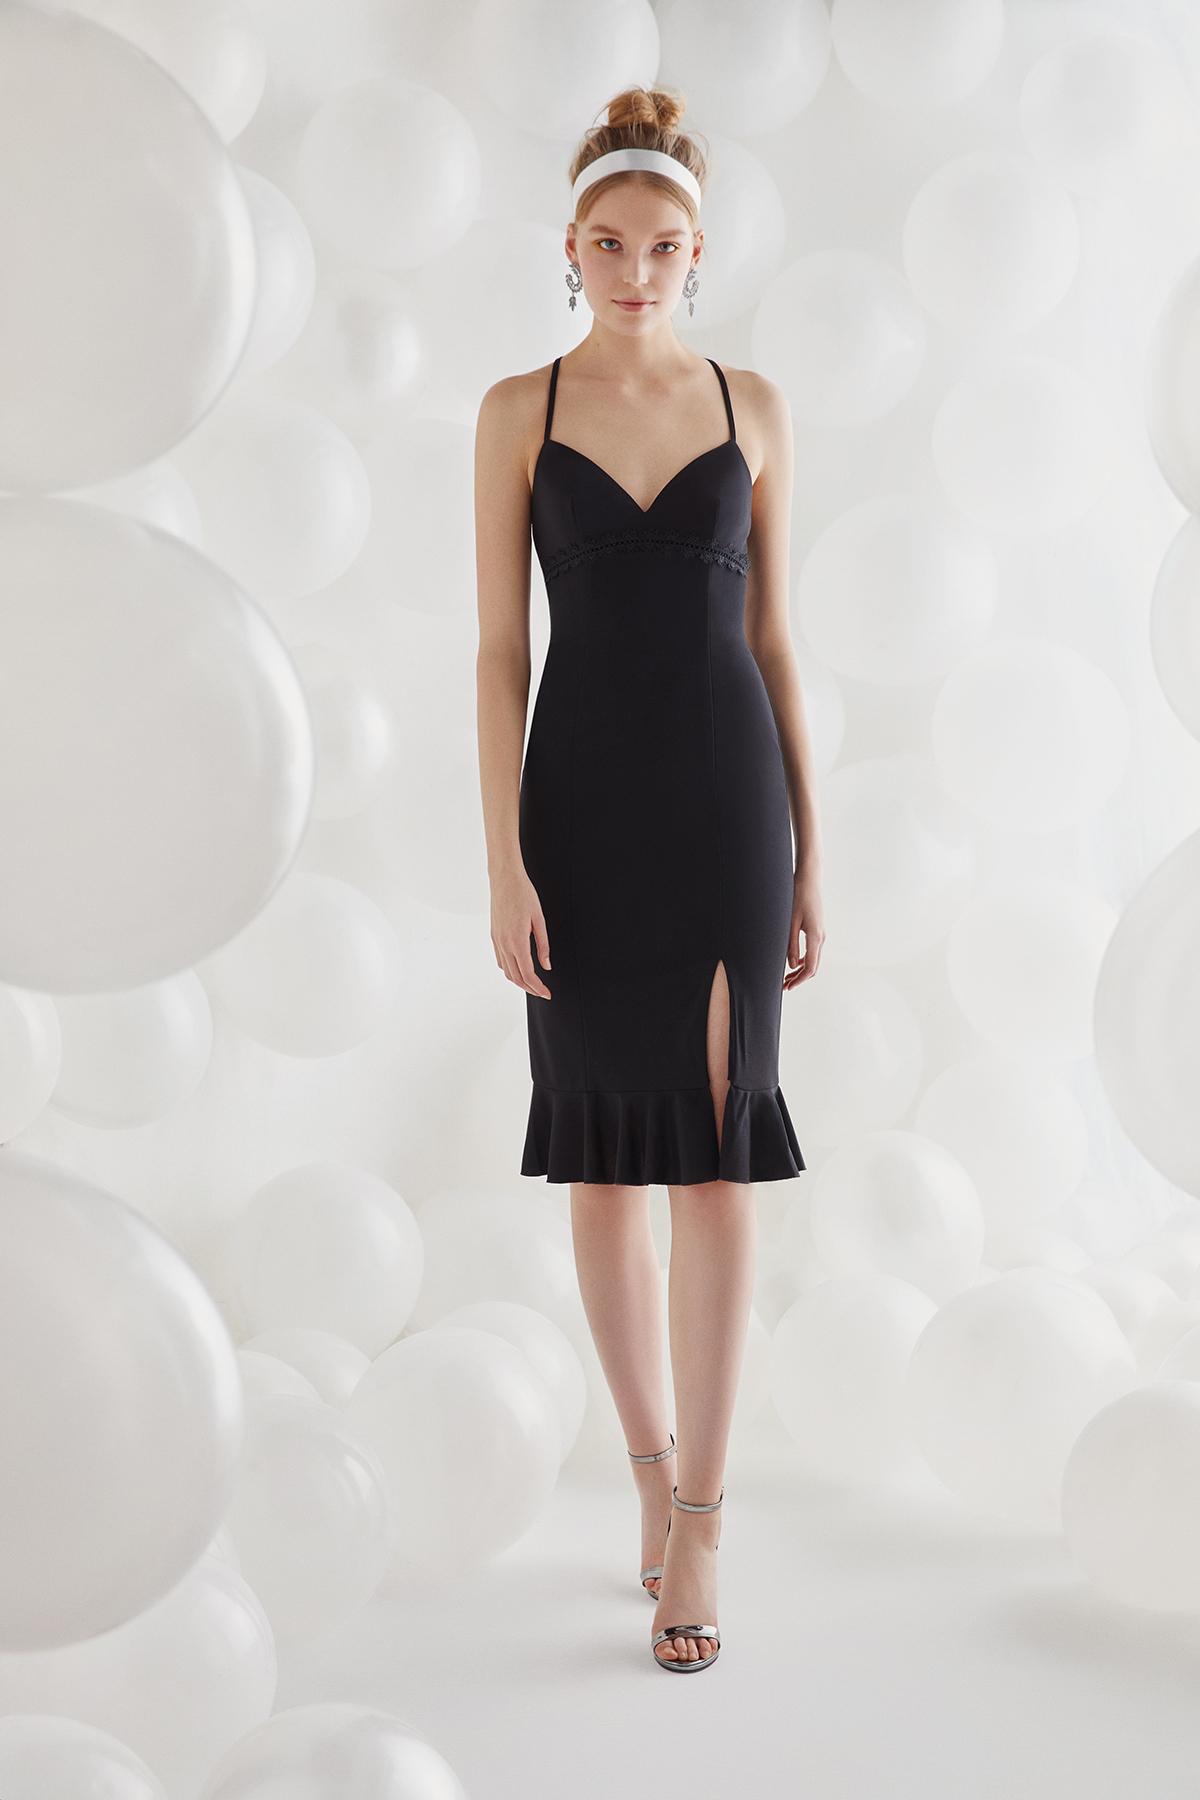 Siyah İnce Askılı Krep Kısa Elbise